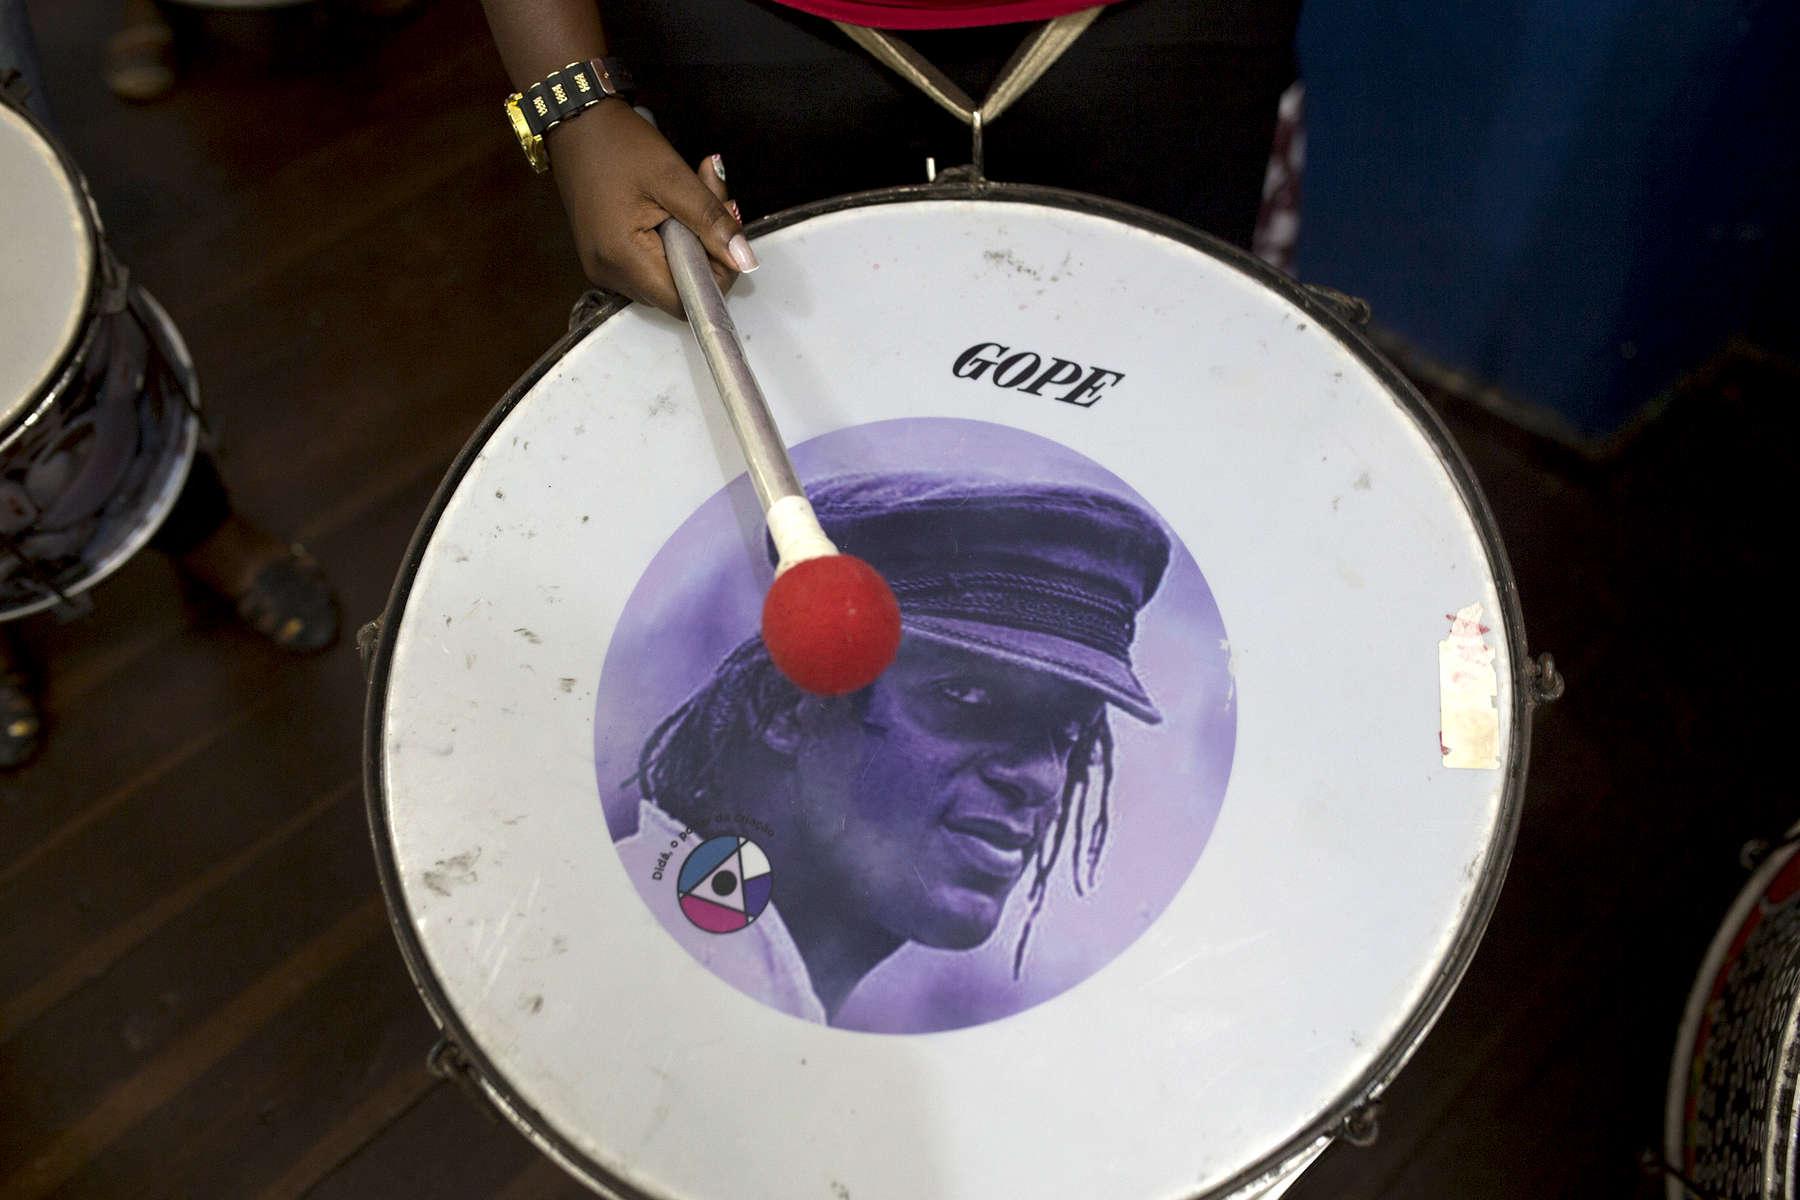 A Didá band member with a surdo drum, with the face of Didá founder Neguinho do Samba.